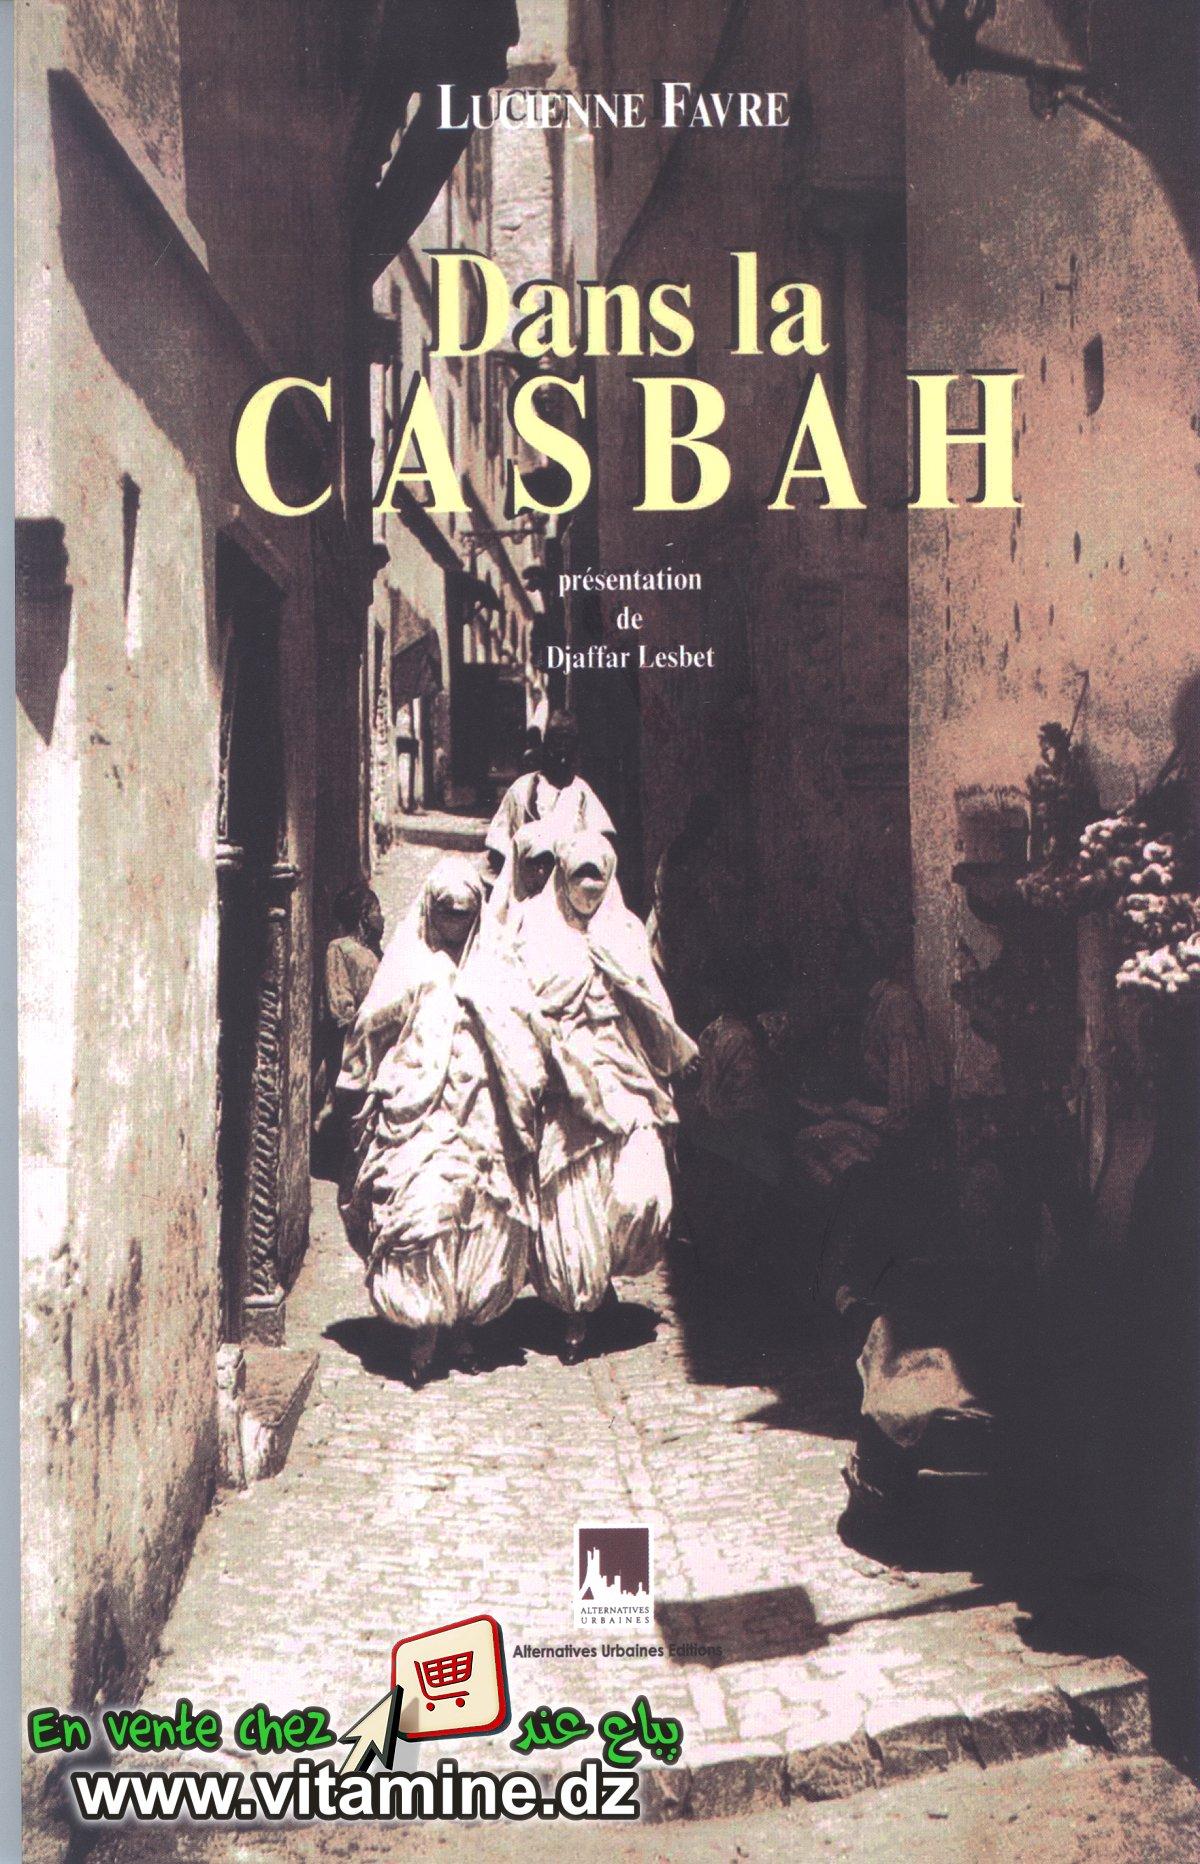 Lucienne Favre - Dans la Casbah